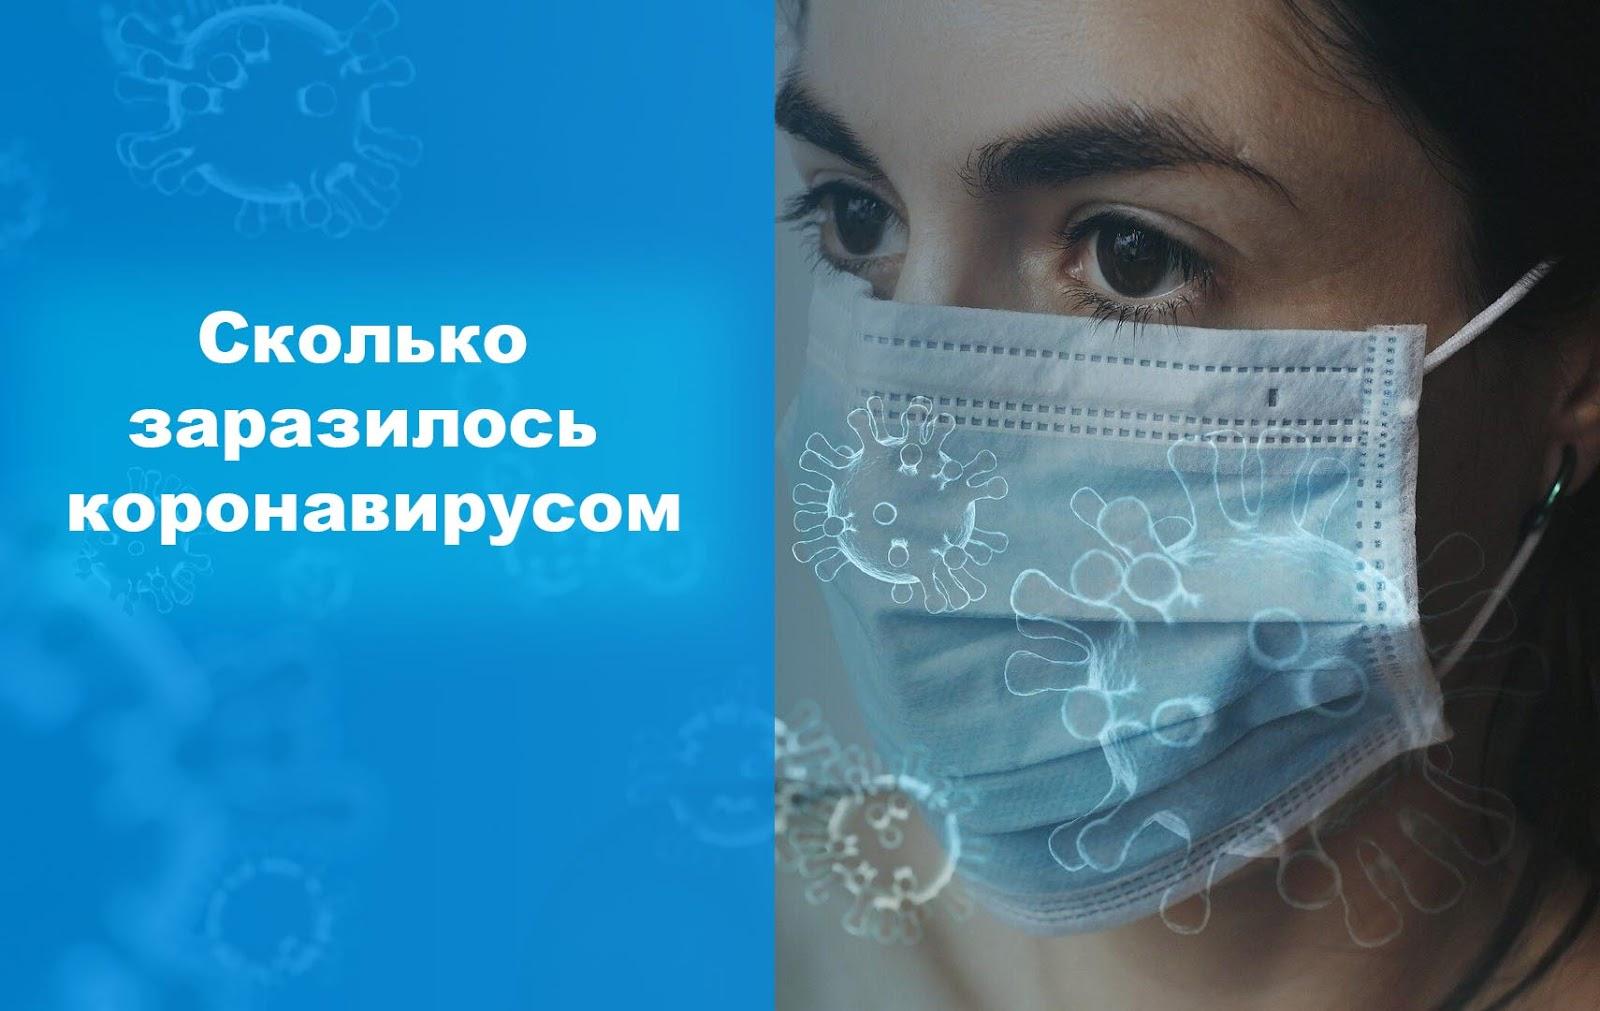 Сколько заразилось коронавирусом в мире